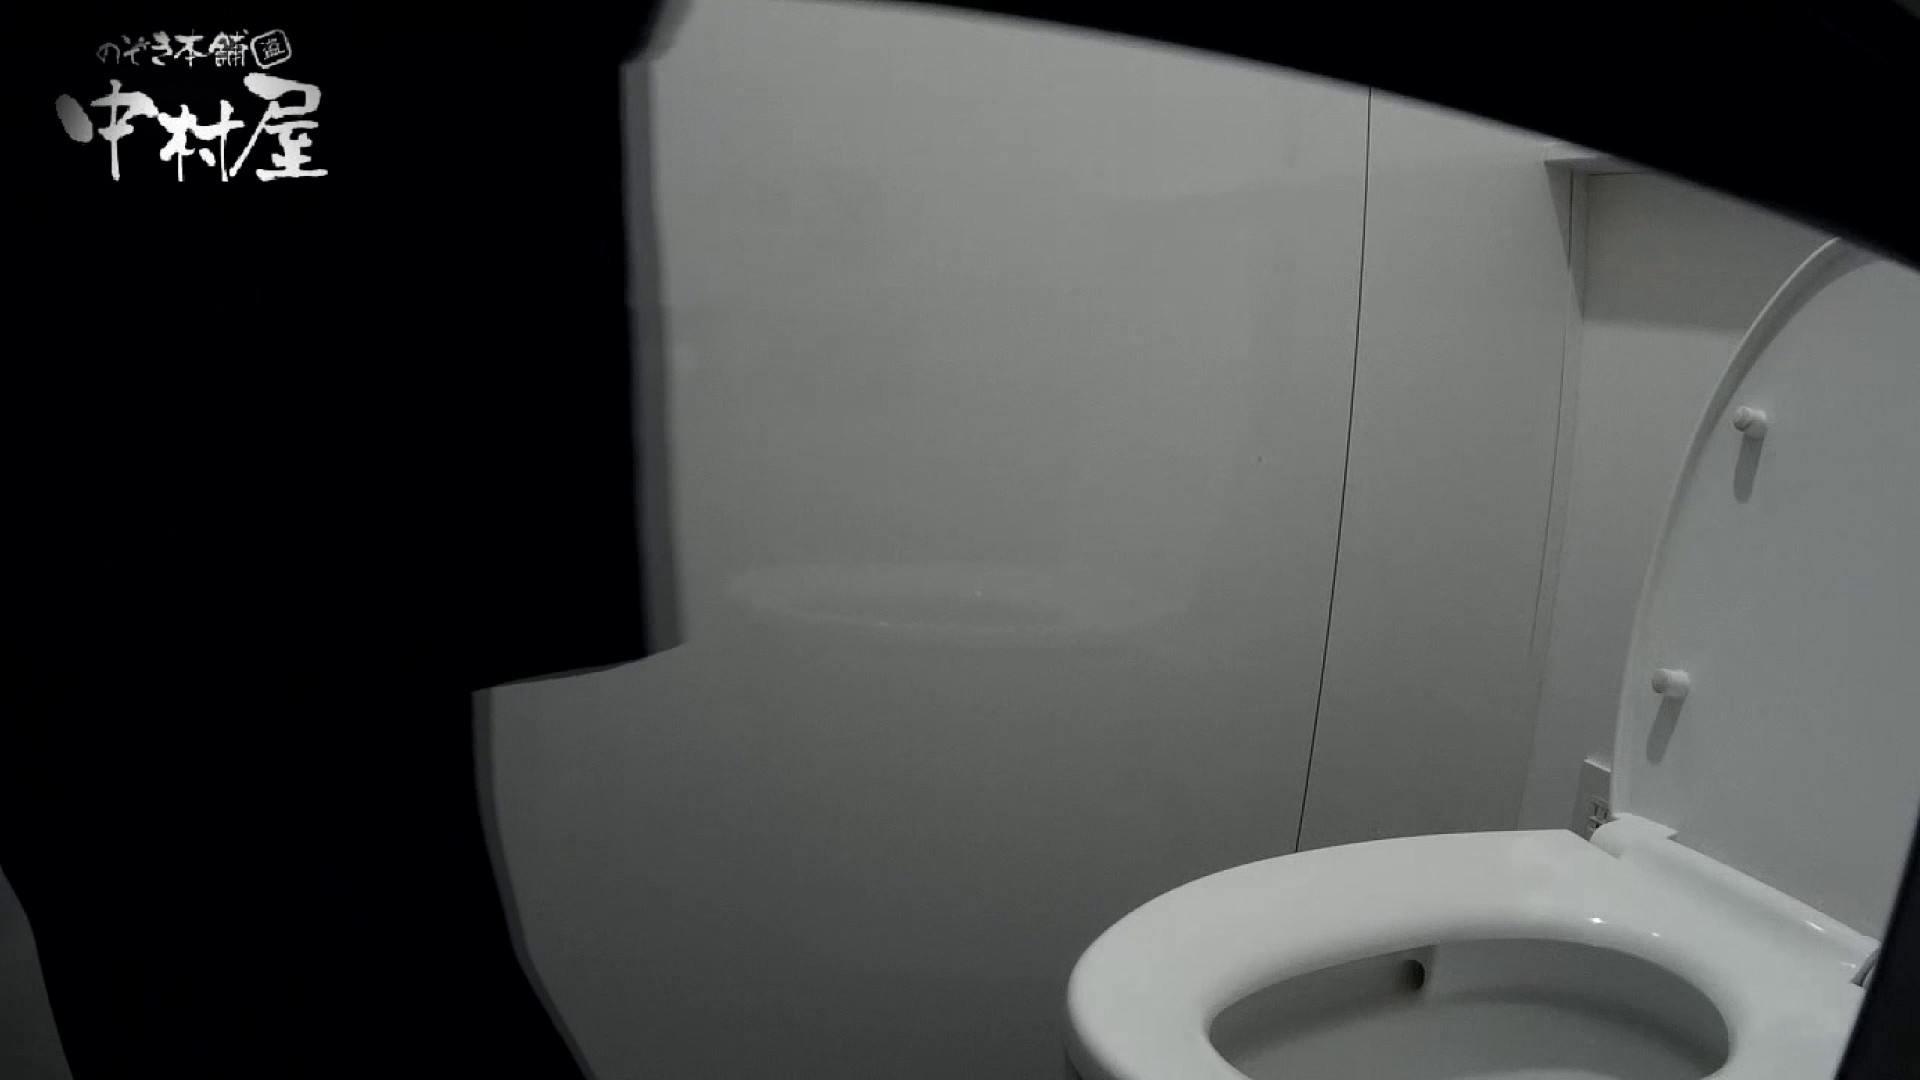 有名大学女性洗面所 vol.58 アンダーヘアーも冬支度? 0 | 0  99pic 57